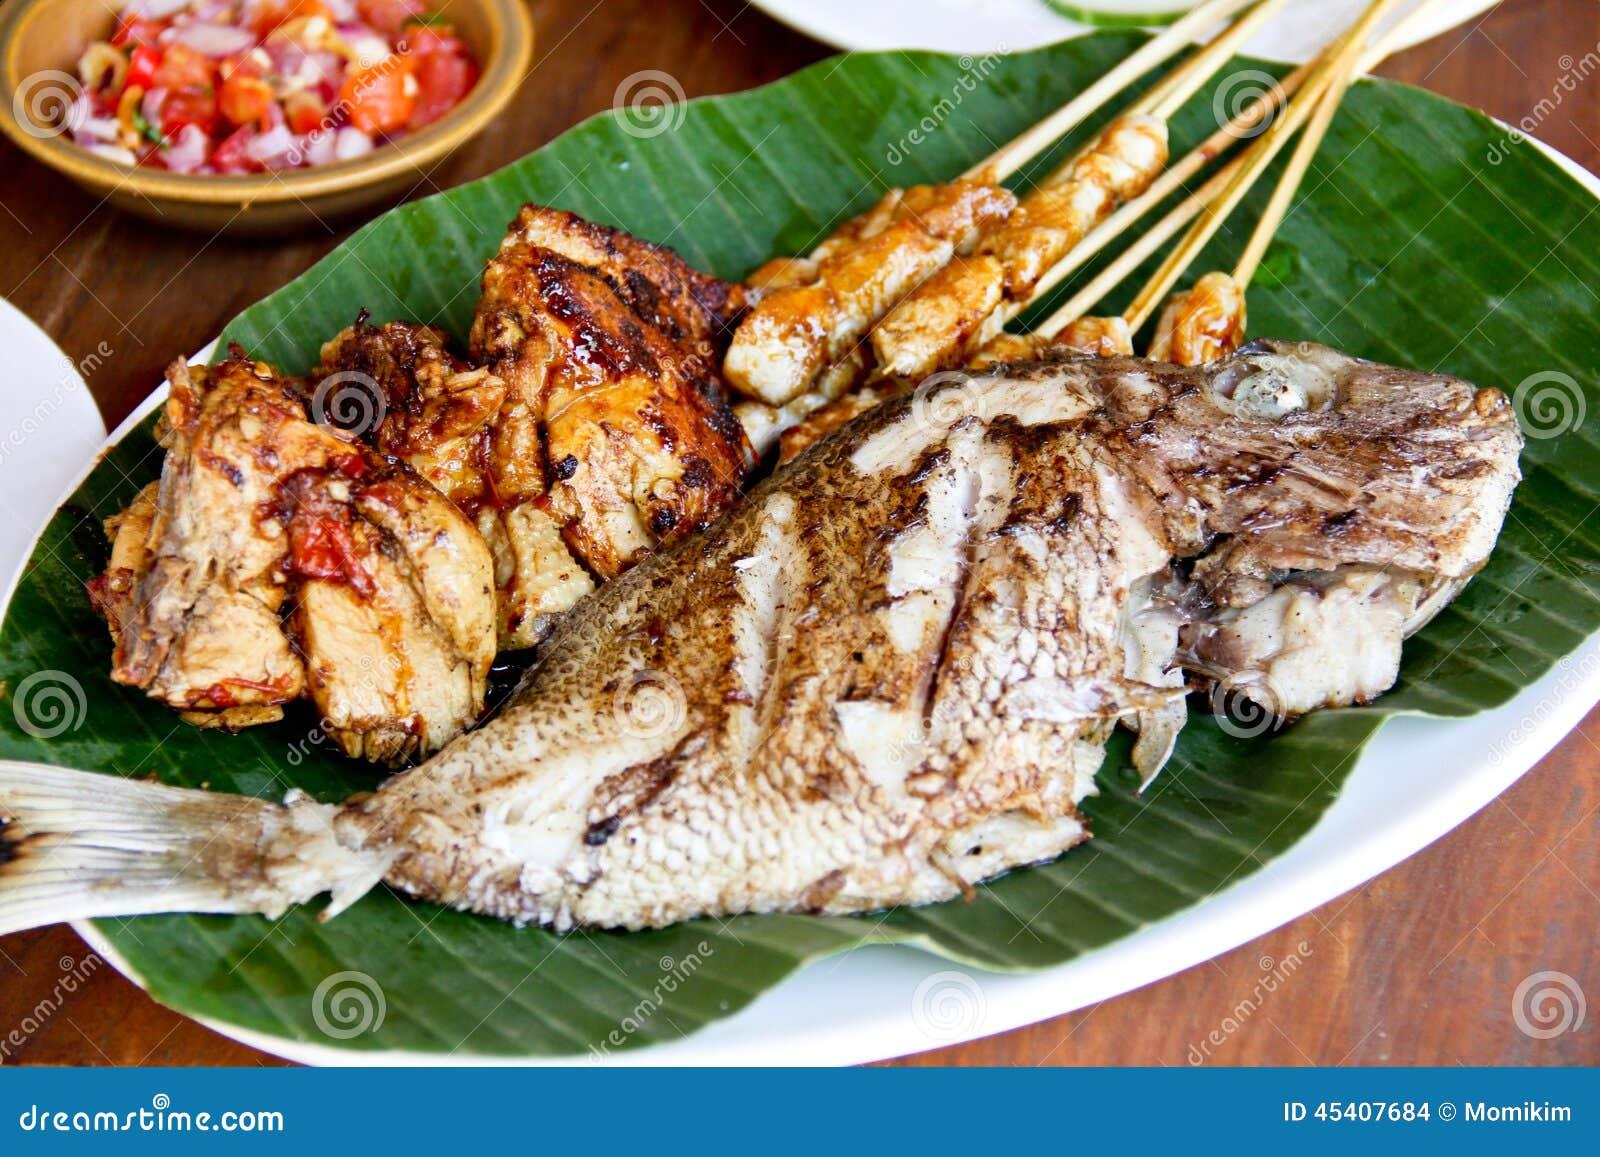 indonesische küche, gebratene fische, satay-hühneraufsteckspindeln ... - Indonesien Küche